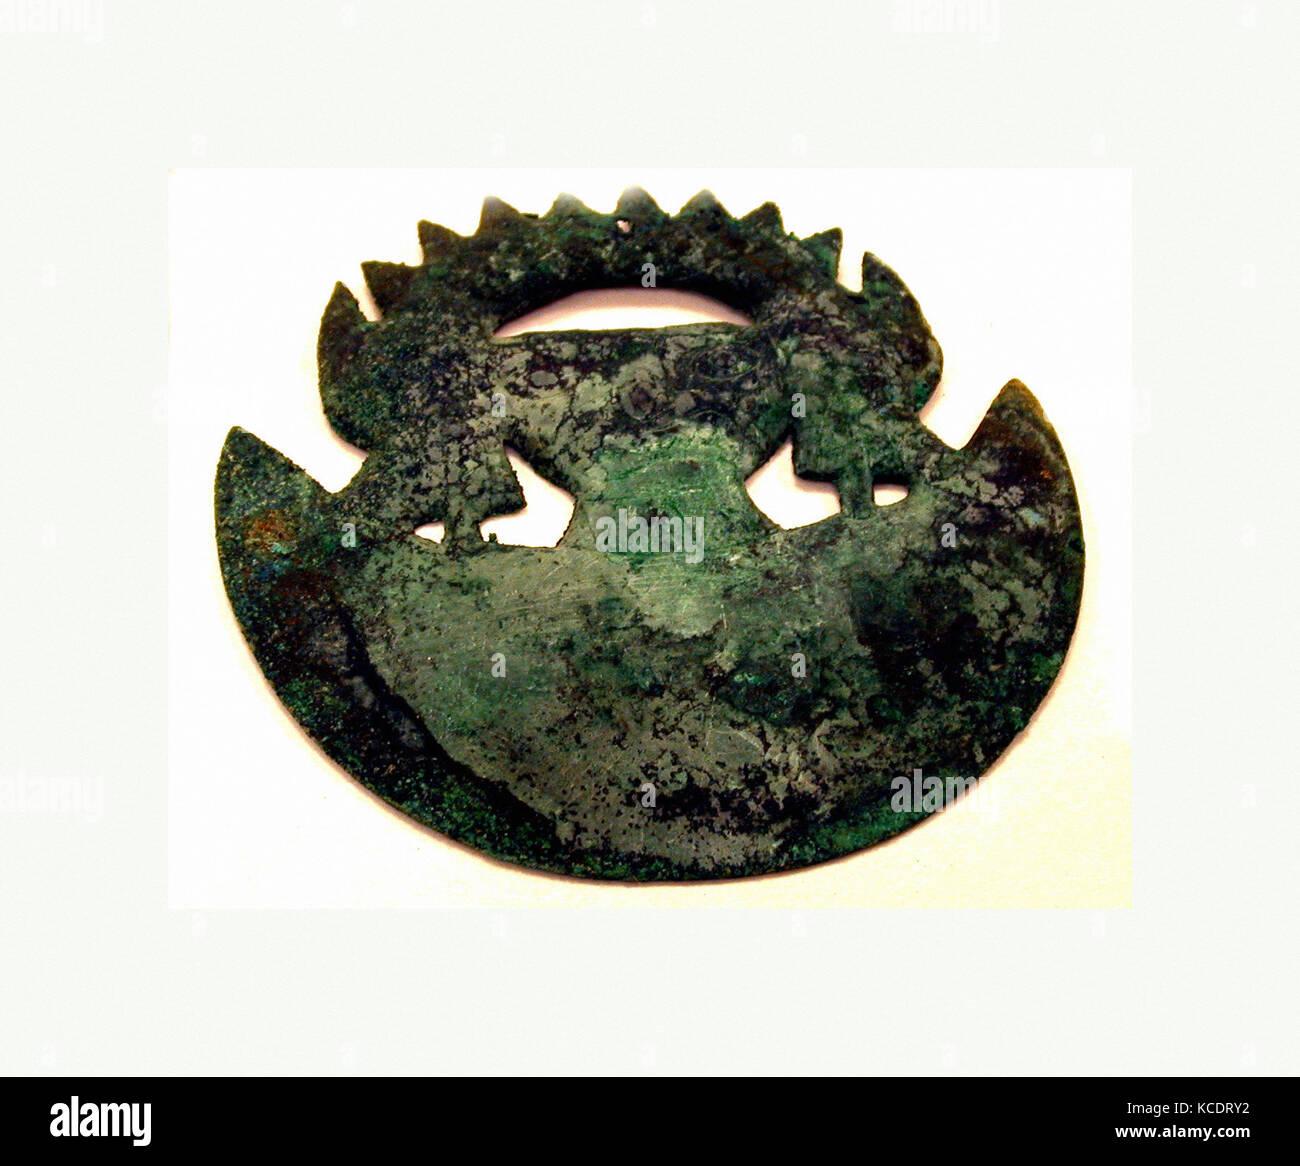 Animal Ornament, 390–450, Peru, Moche (Loma Negra), Copper, H x W: 3 15/16 x 4 1/8in. (10 x 10.5cm), Metal-Ornaments - Stock Image